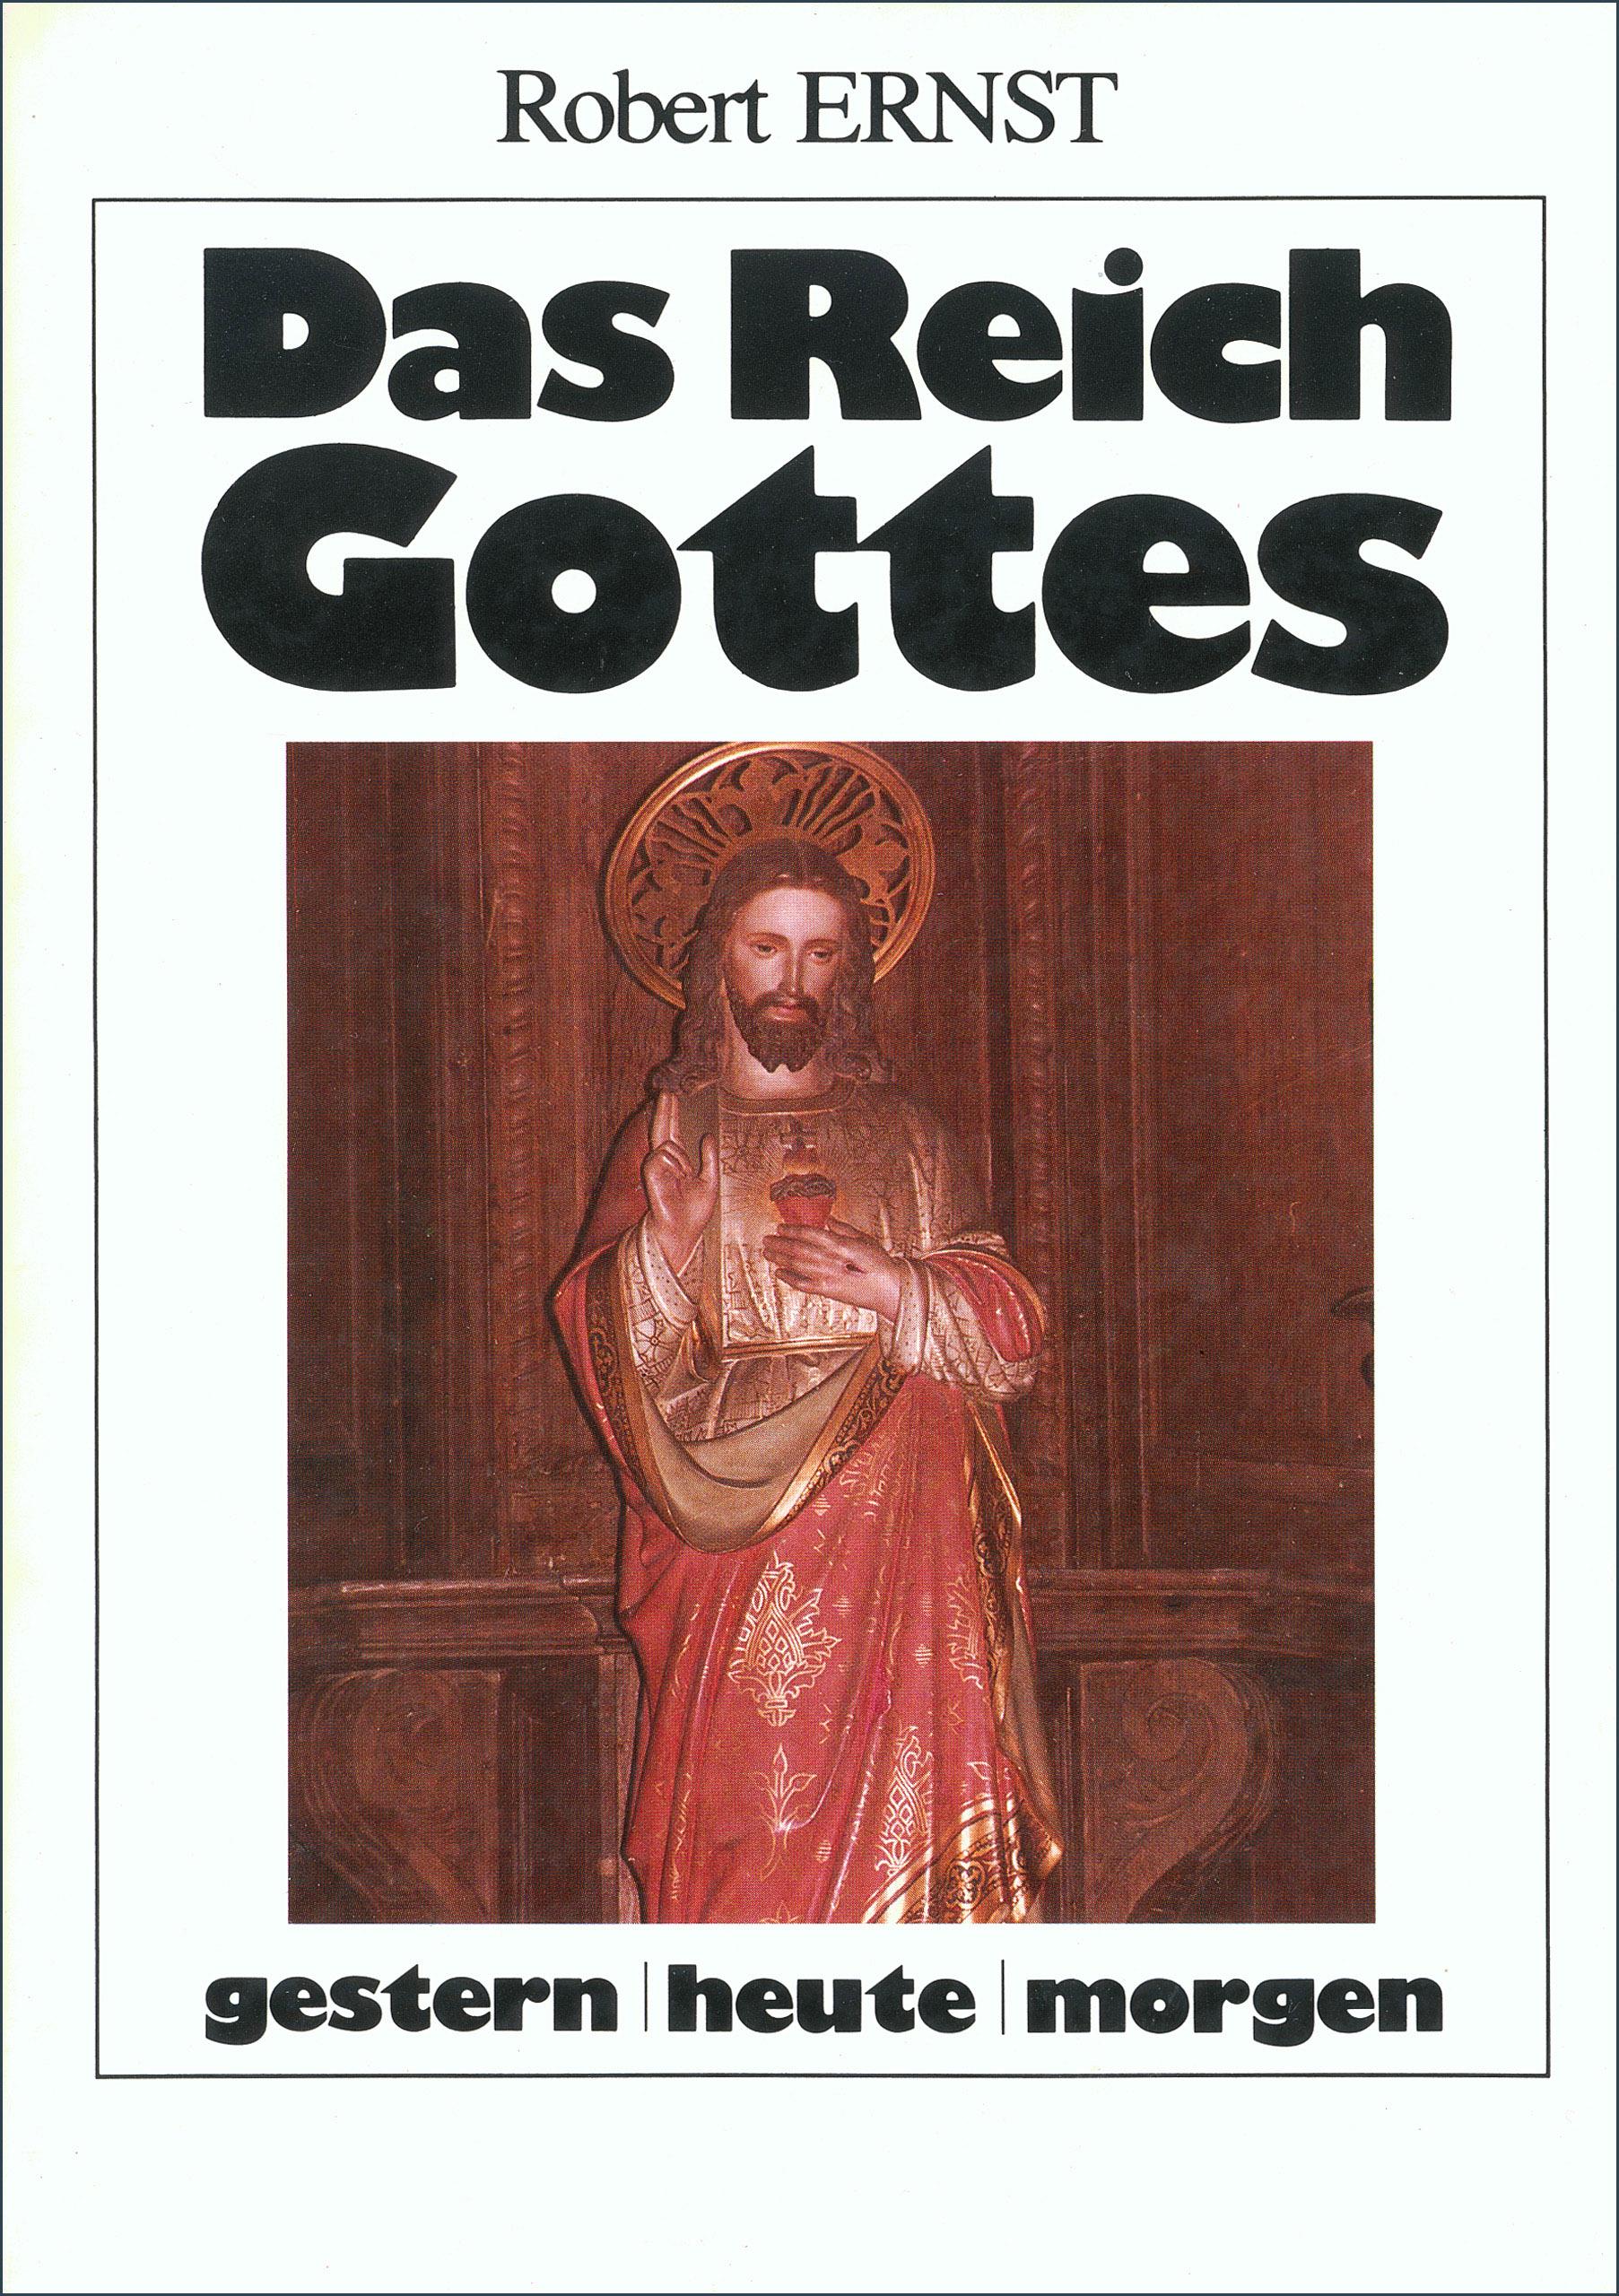 Das Reich Gottes Robert Ernst